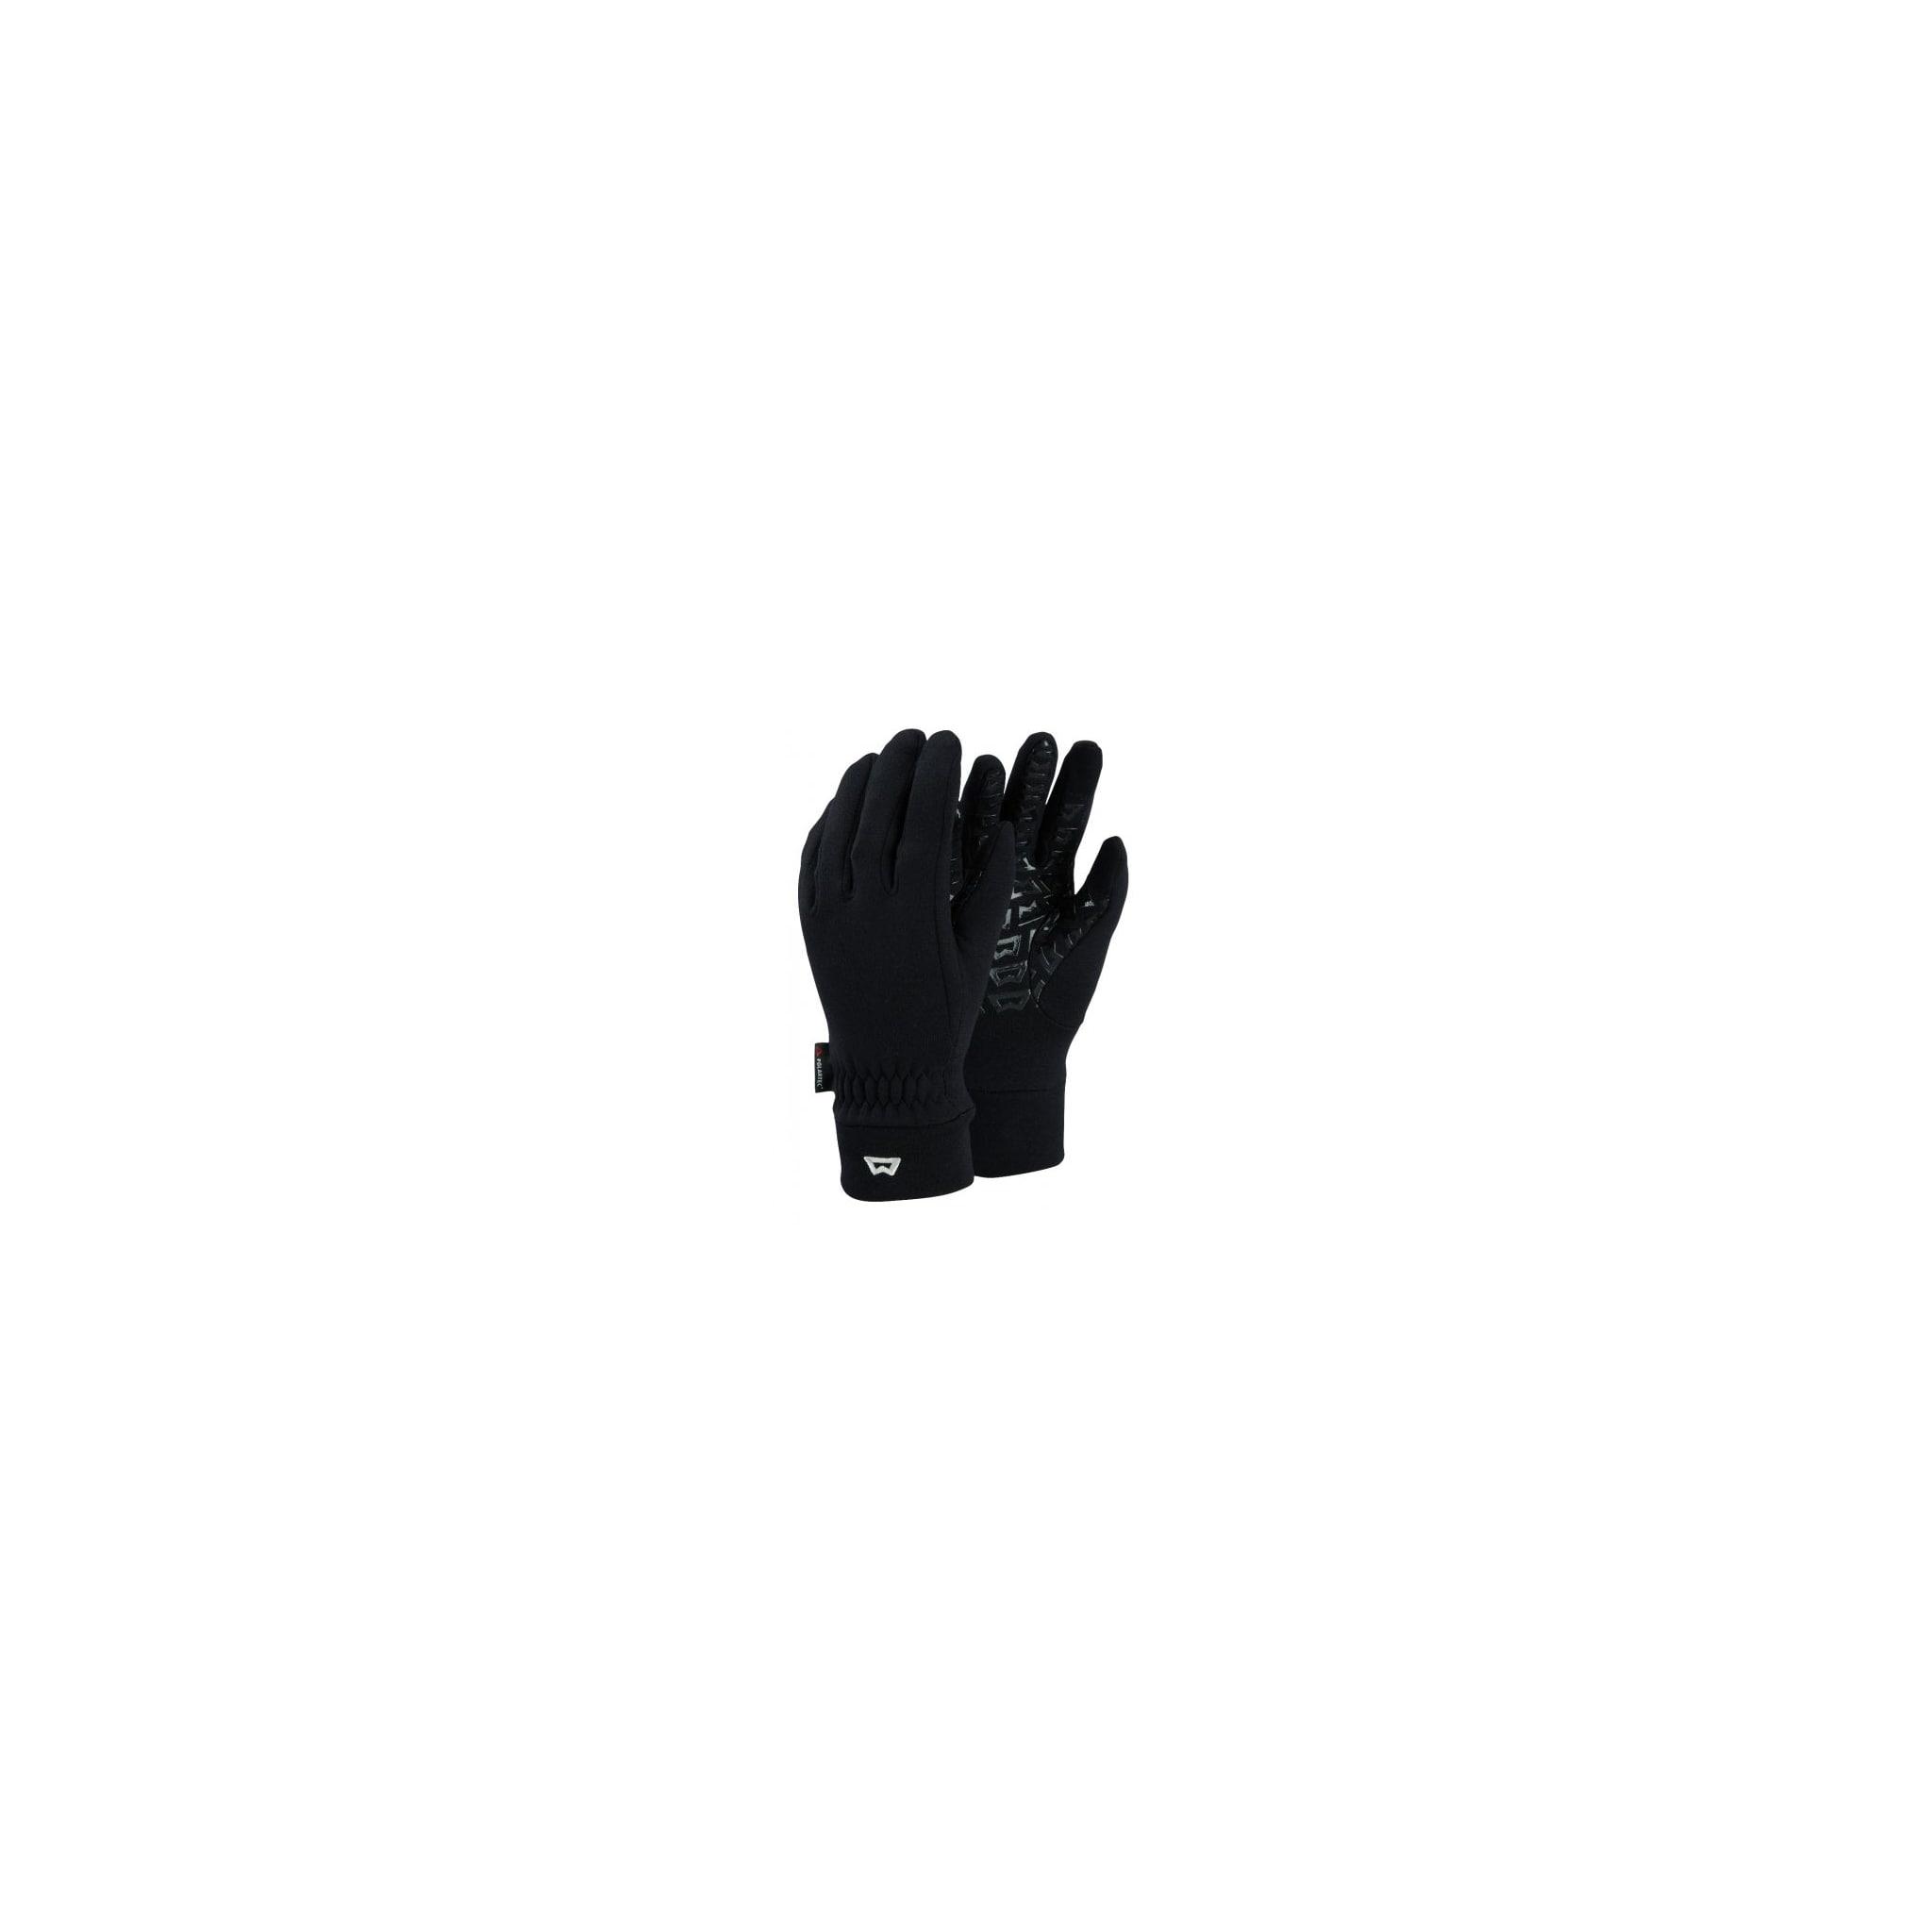 Fleecehansker med touch-screen kompatibel tommel og pekefinger